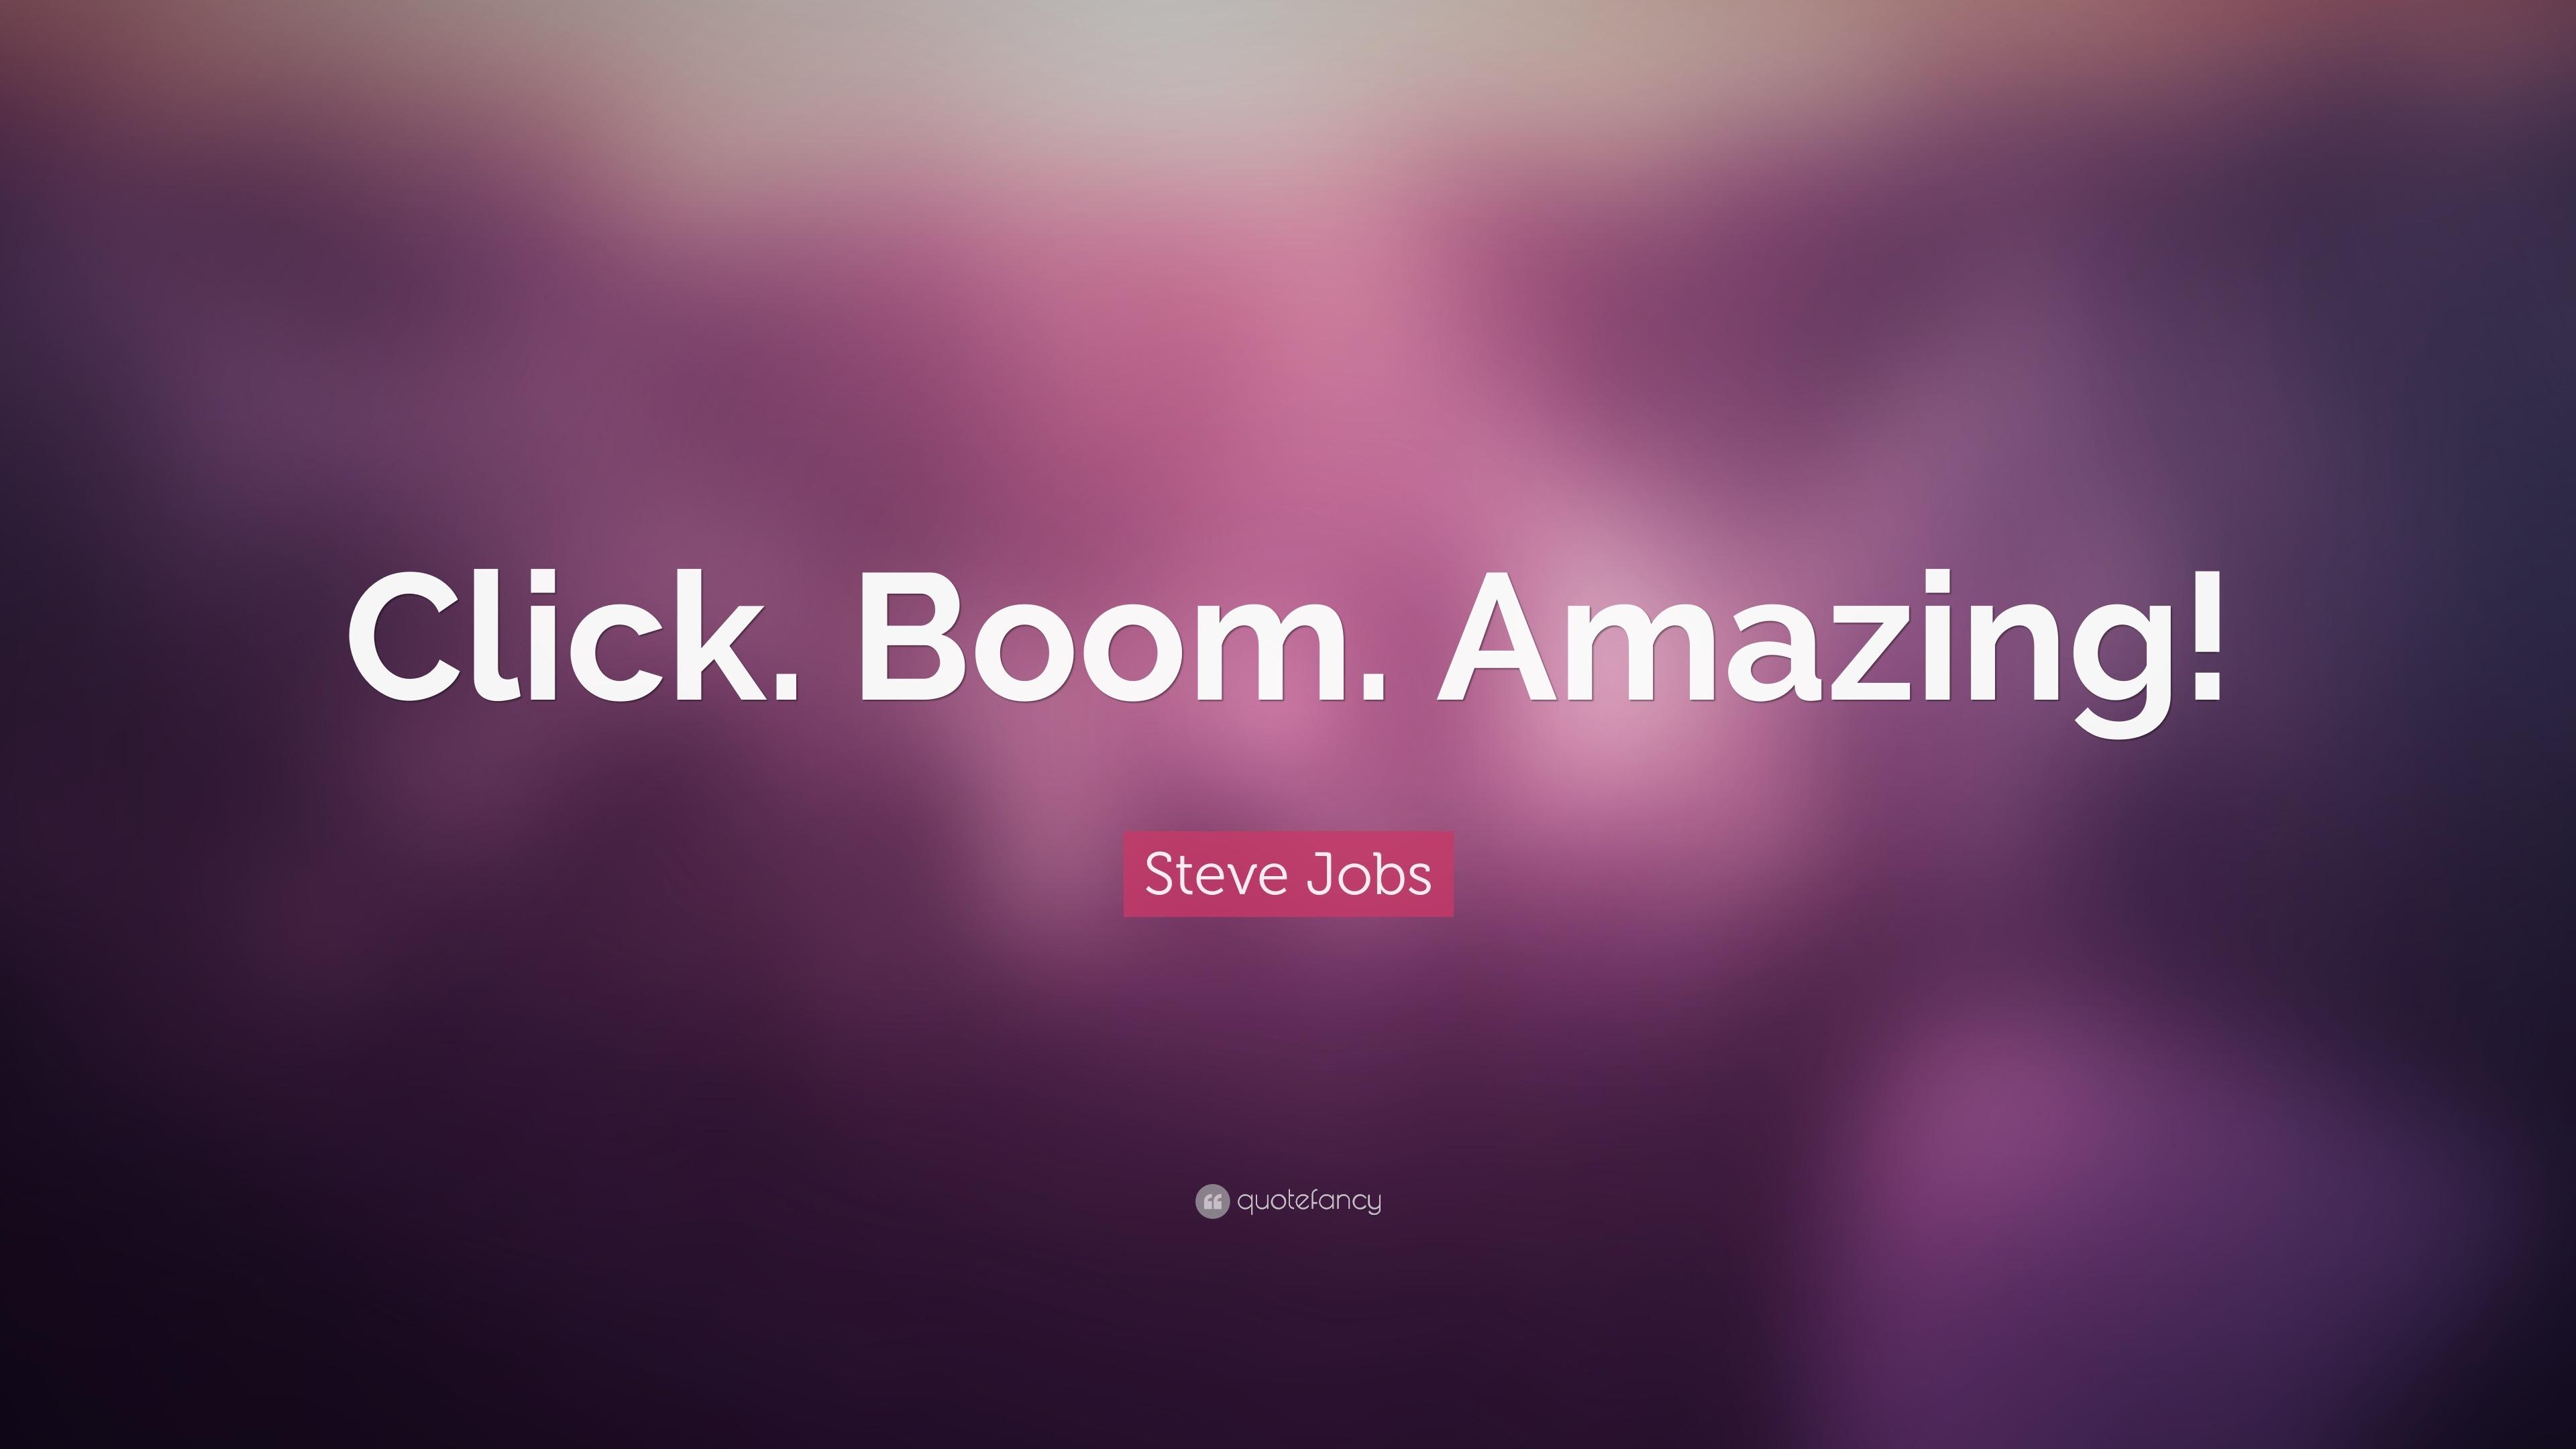 Steve Jobs Quote: U201cClick. Boom. Amazing!u201d